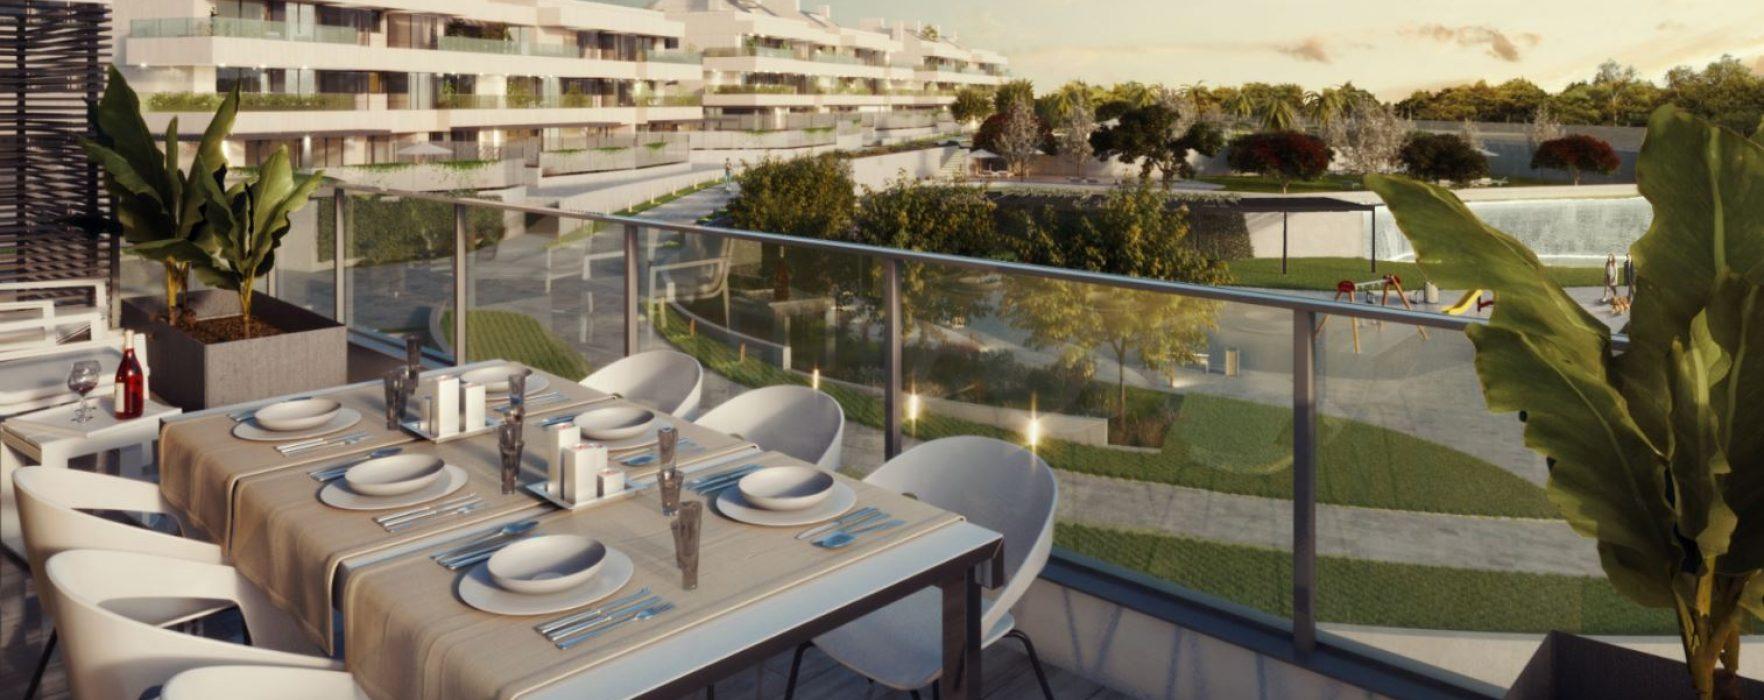 Qu madera de exteriores debo usar para mi terraza - Estufas exteriores para terrazas ...